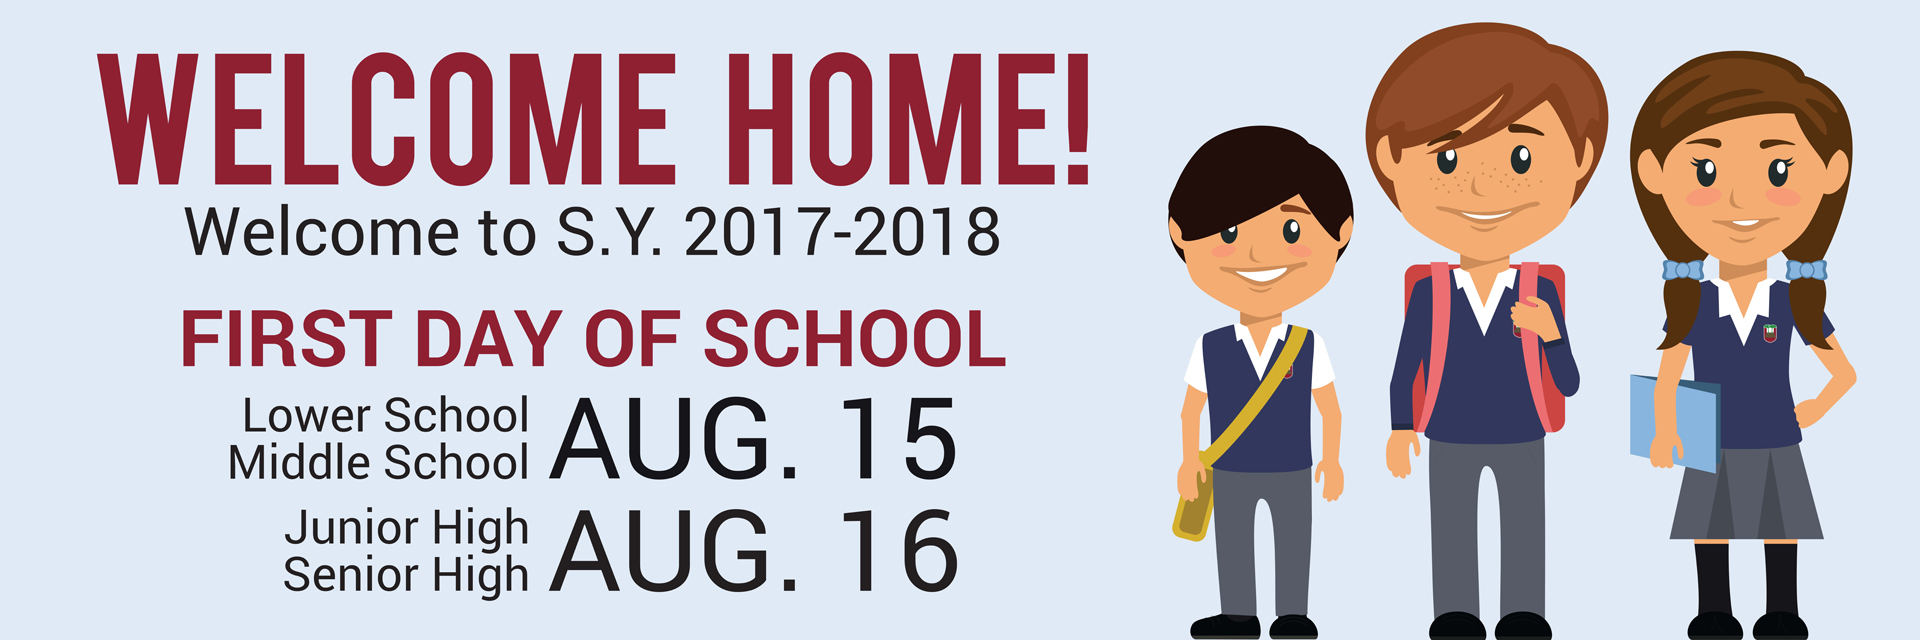 school year 2017 - 2018